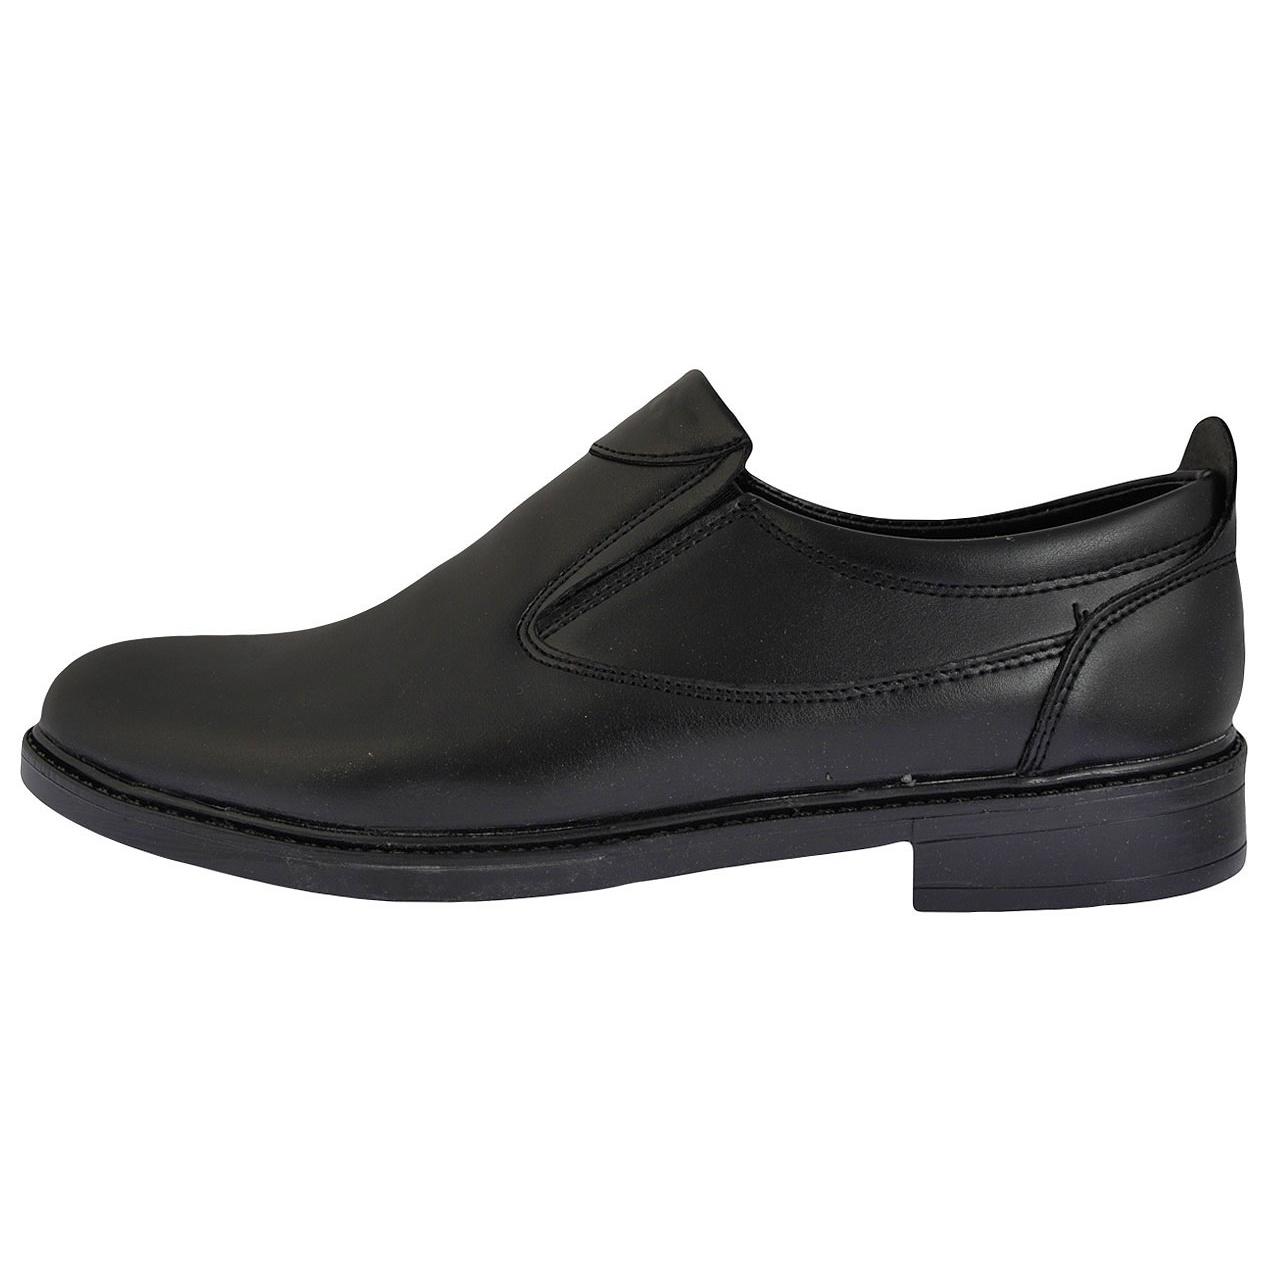 کفش مردانه کد 324900202